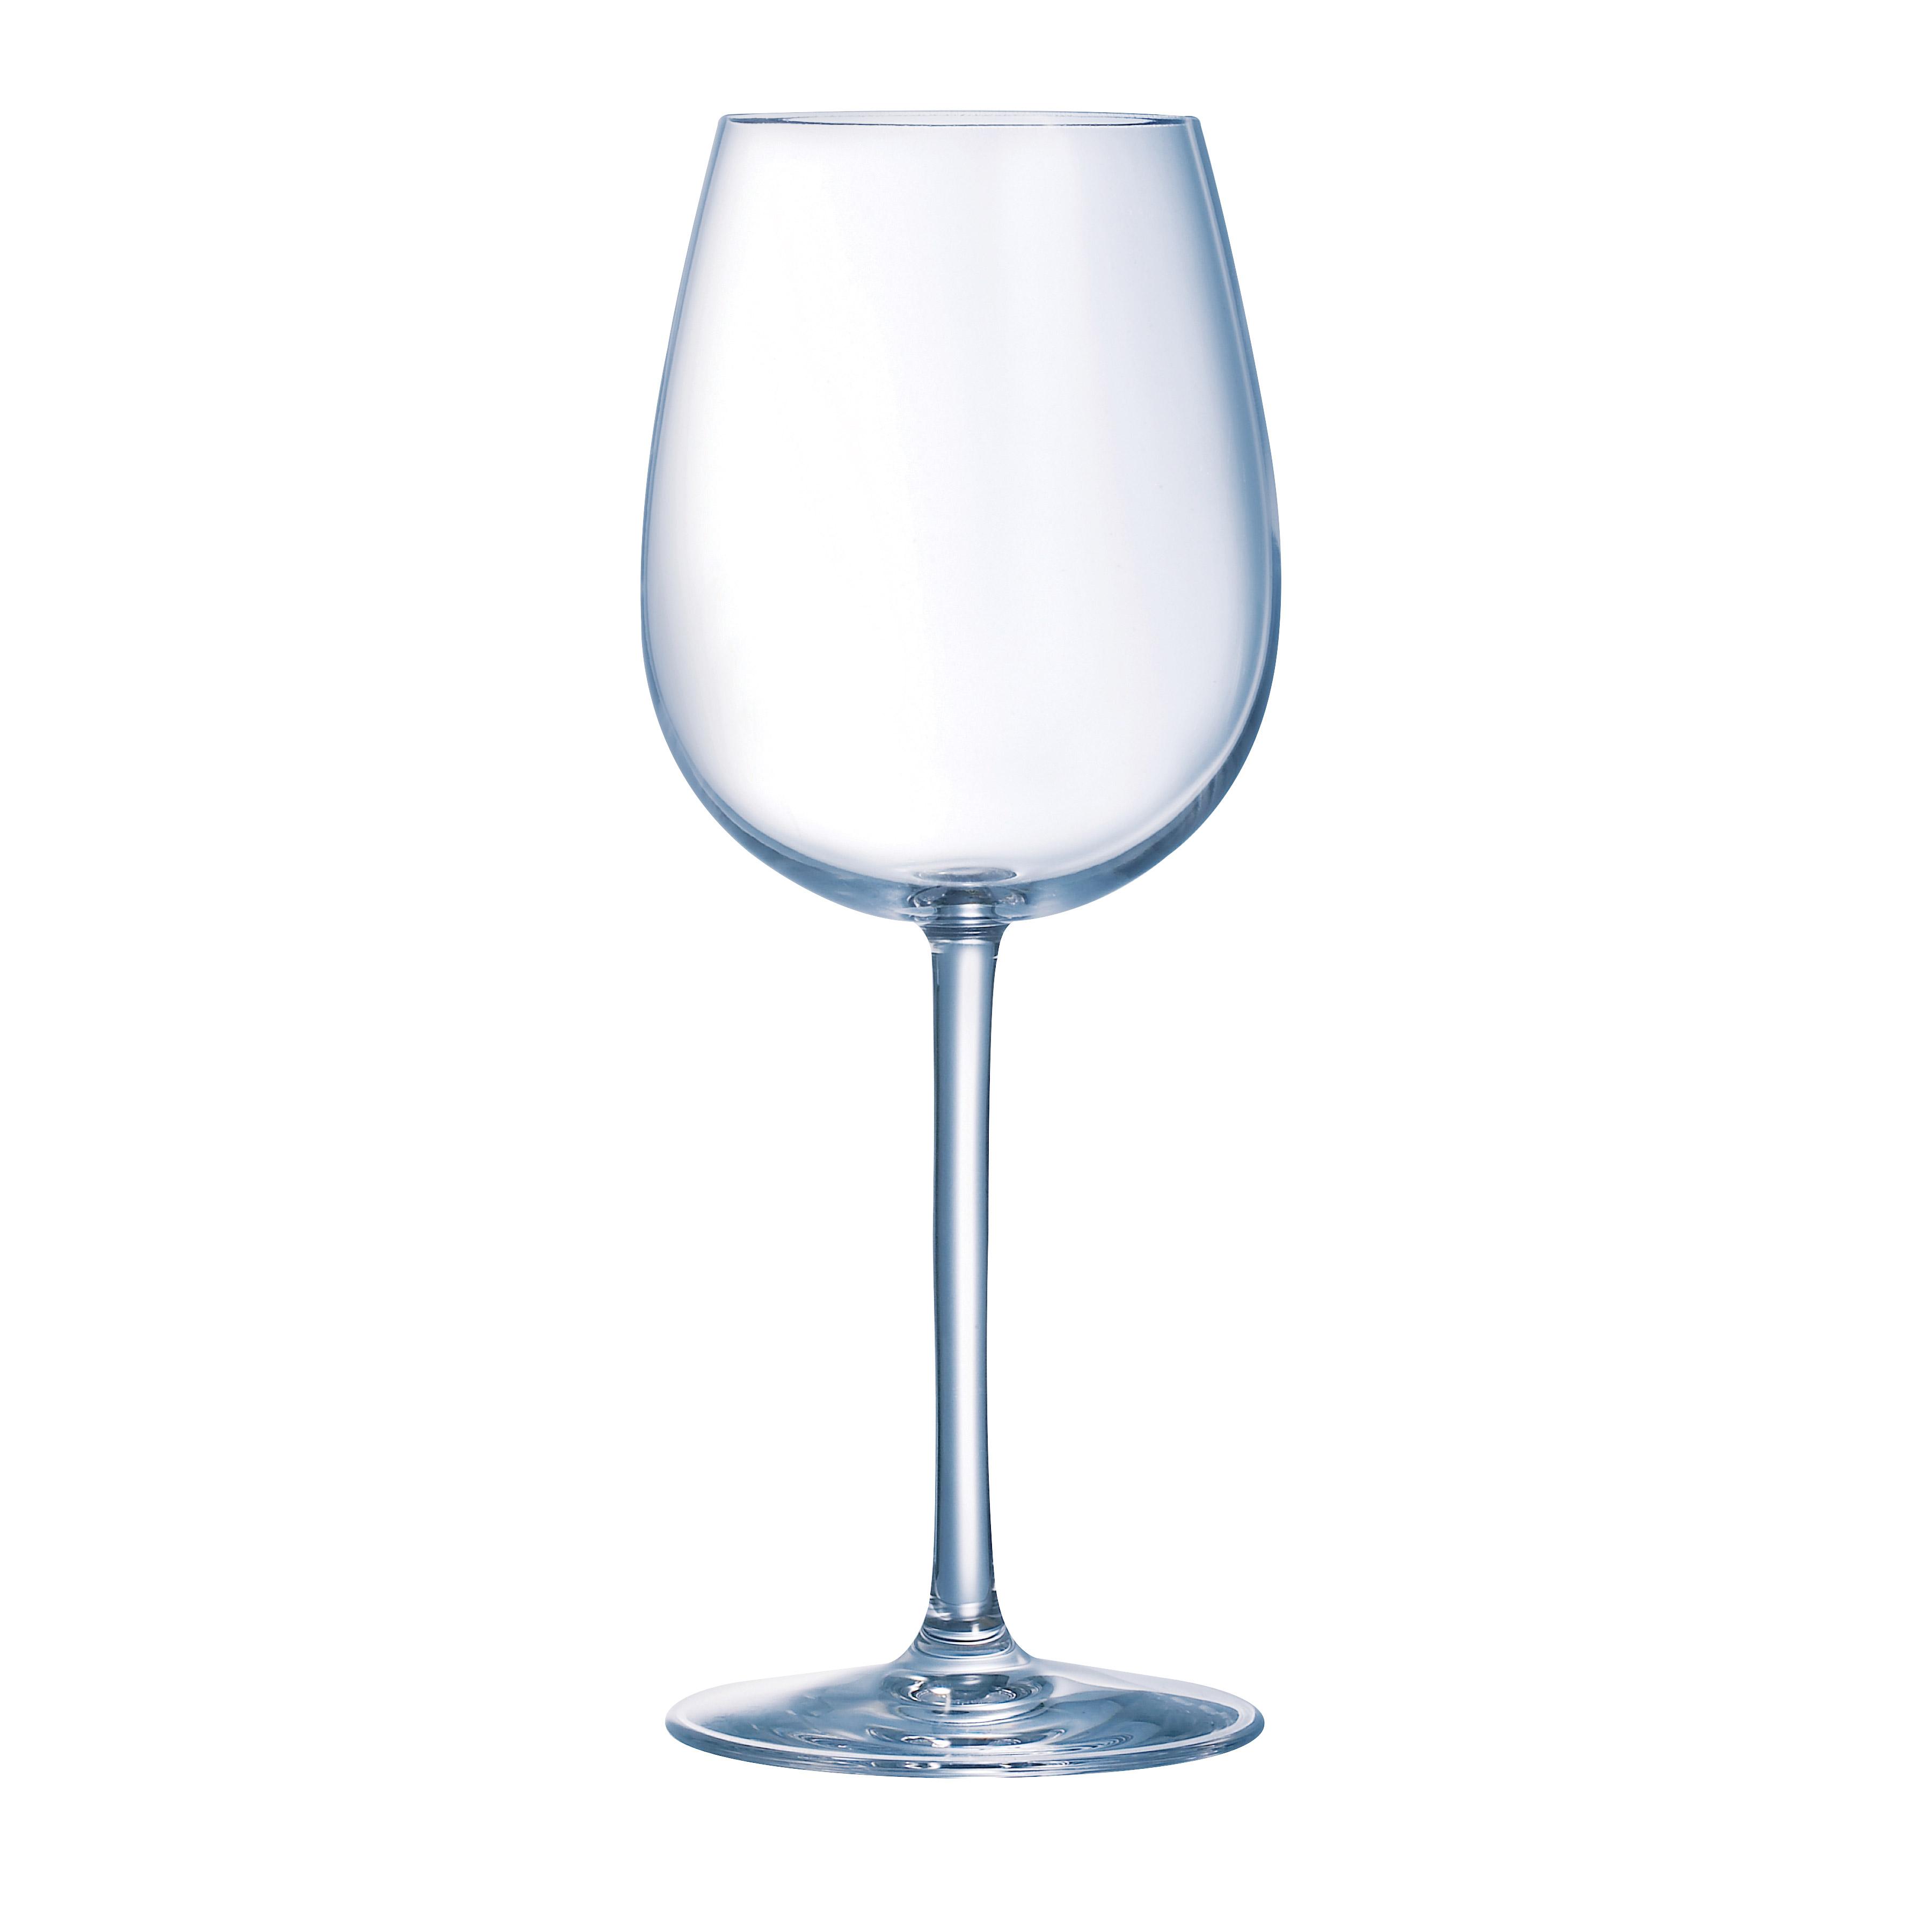 Cardinal U0909 glass, wine